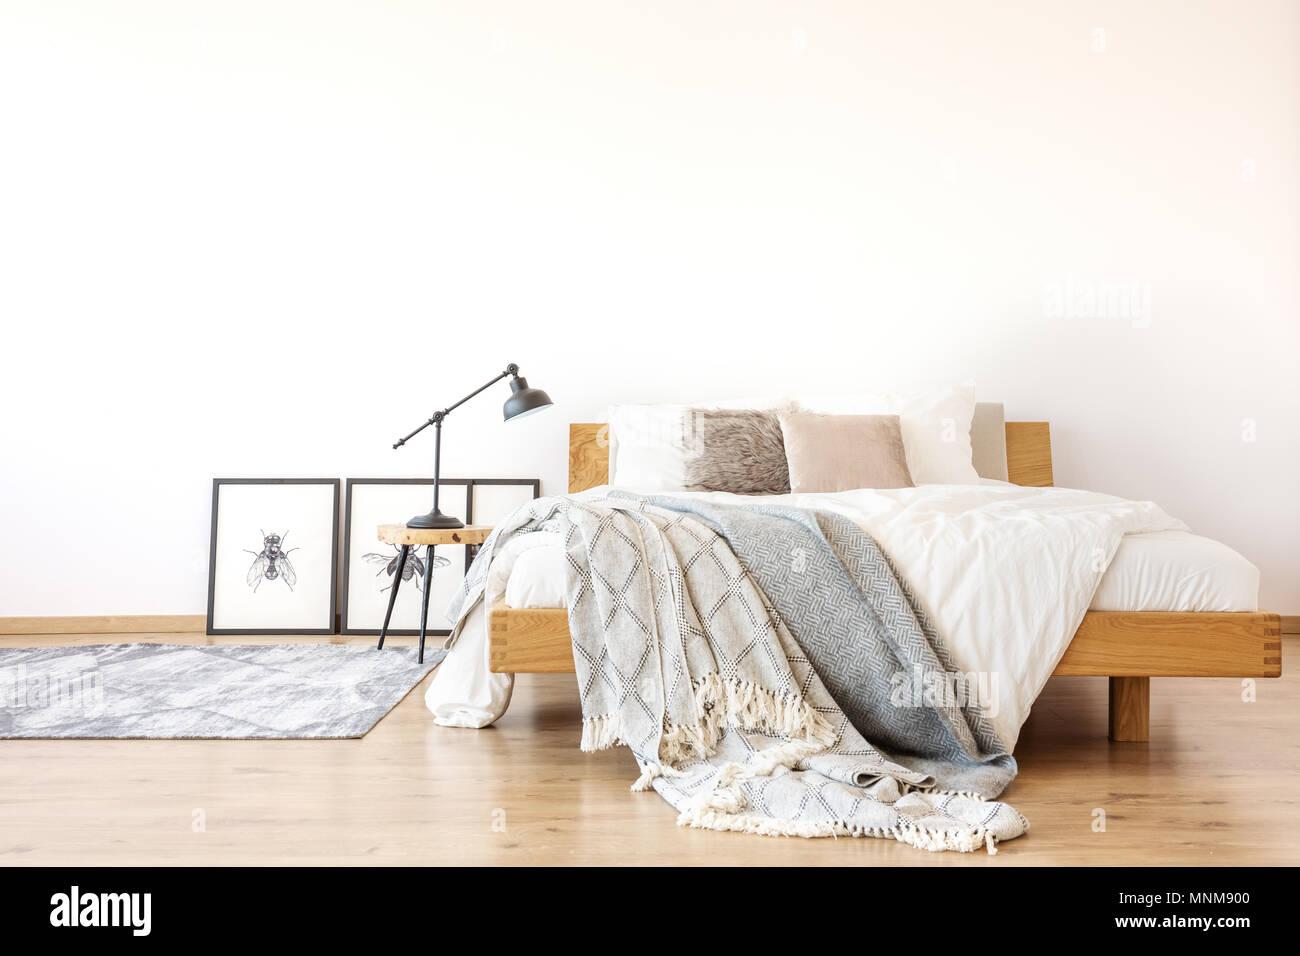 Lenzuola su legno letto king size contro il muro bianco in camera